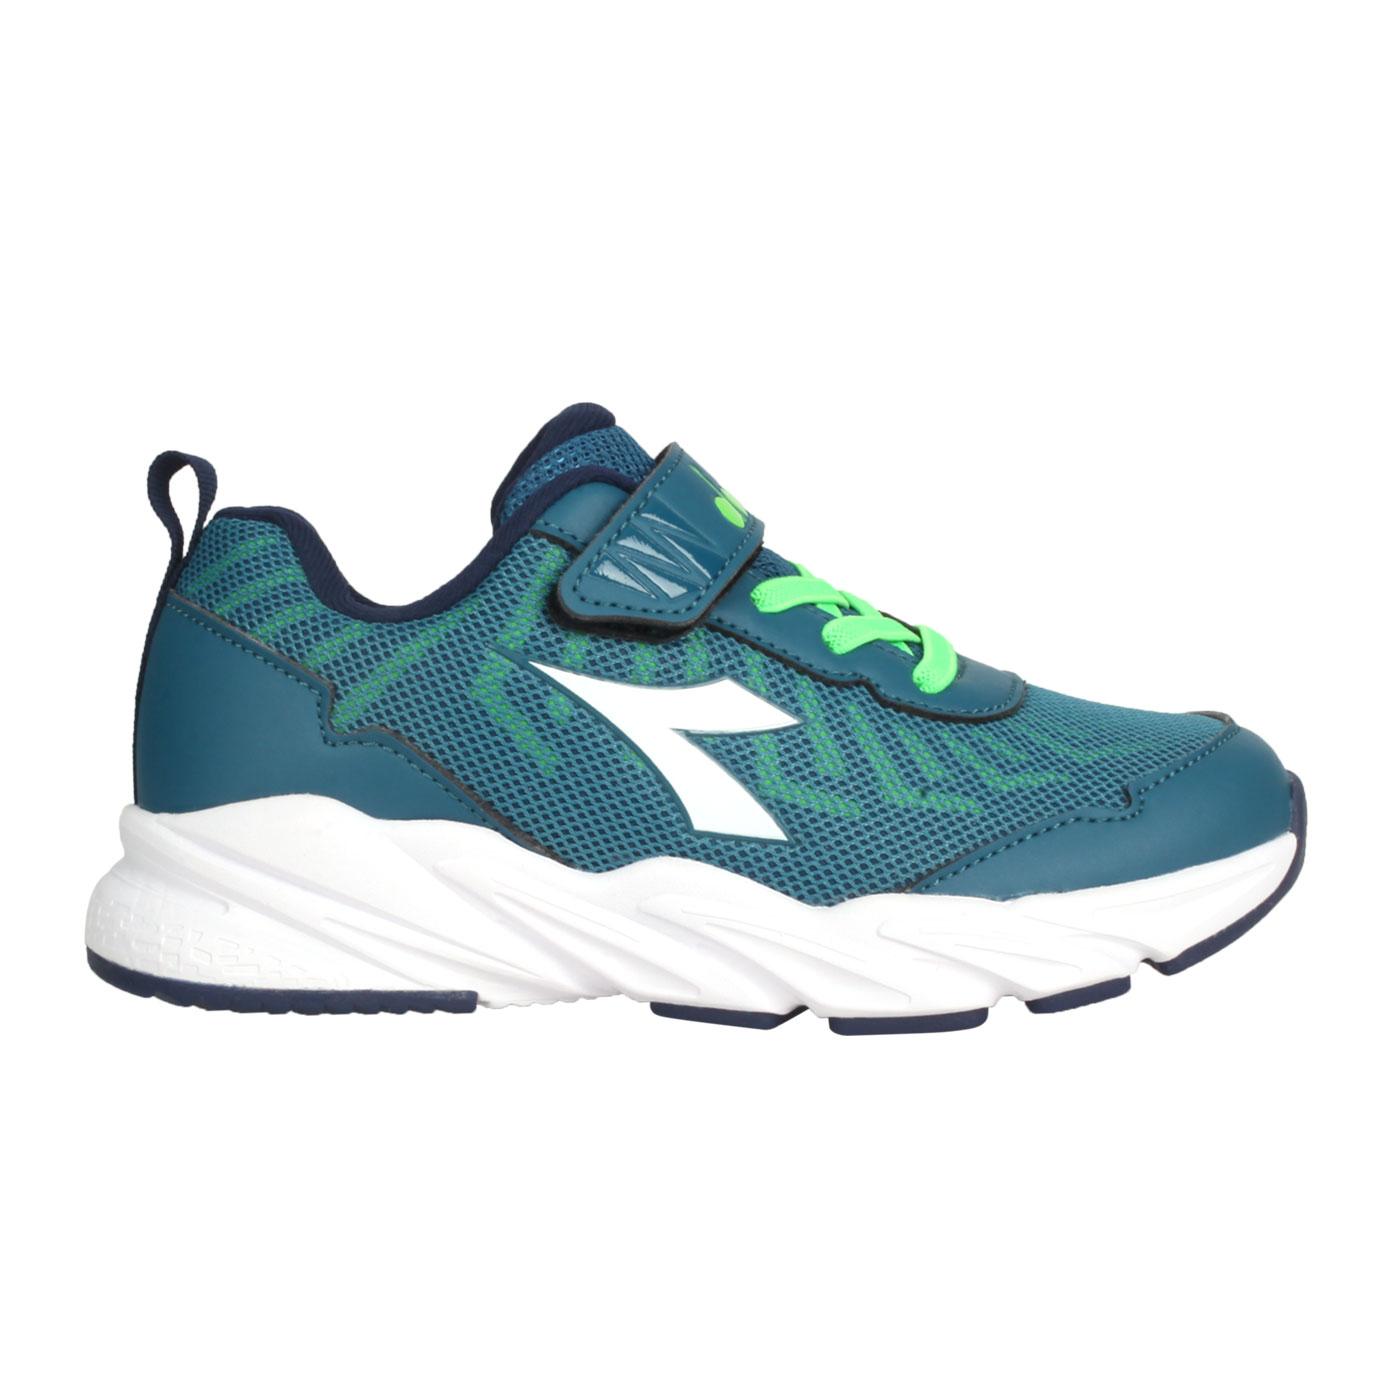 DIADORA 中童輕量慢跑鞋-超寬楦 DA13011 - 墨藍白綠